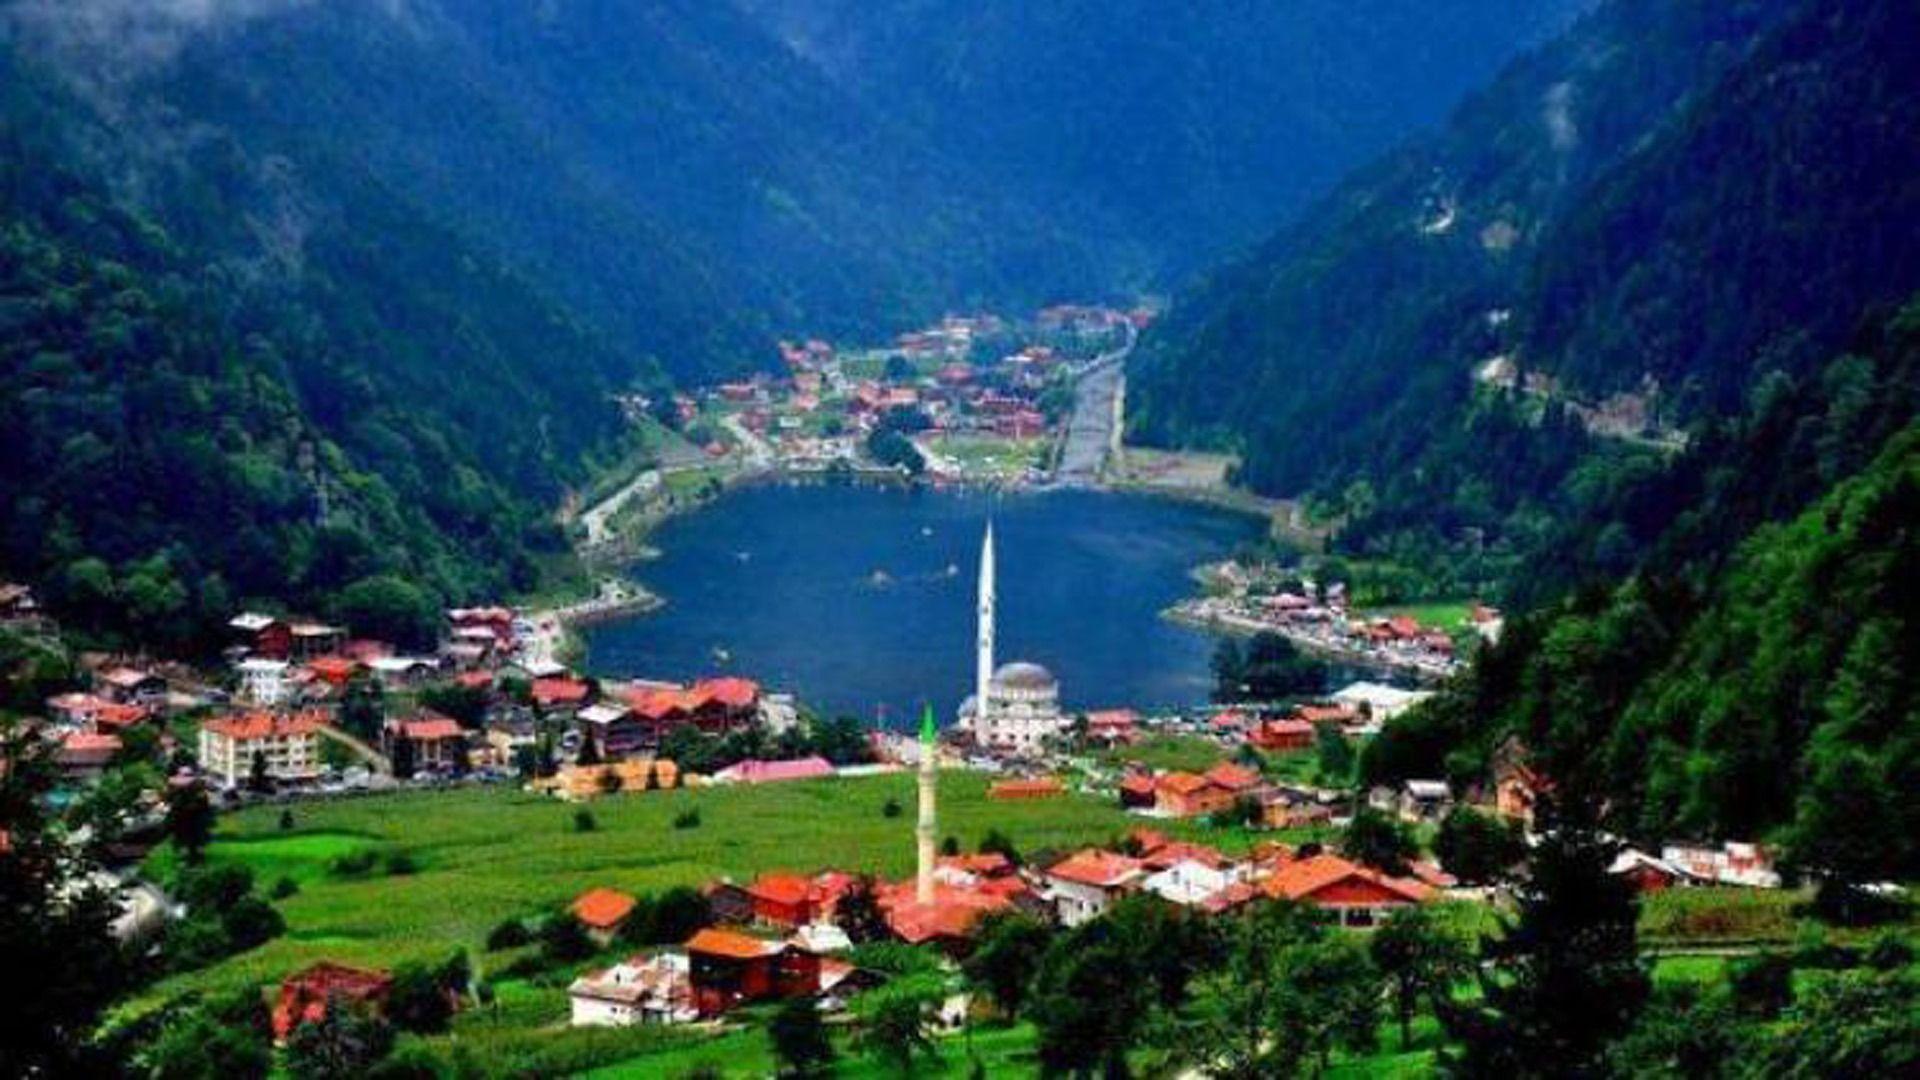 برنامج سياحي 5 ايام في طرابزون واوزنجول راني ترافل Turkey Tour Trabzon Travel